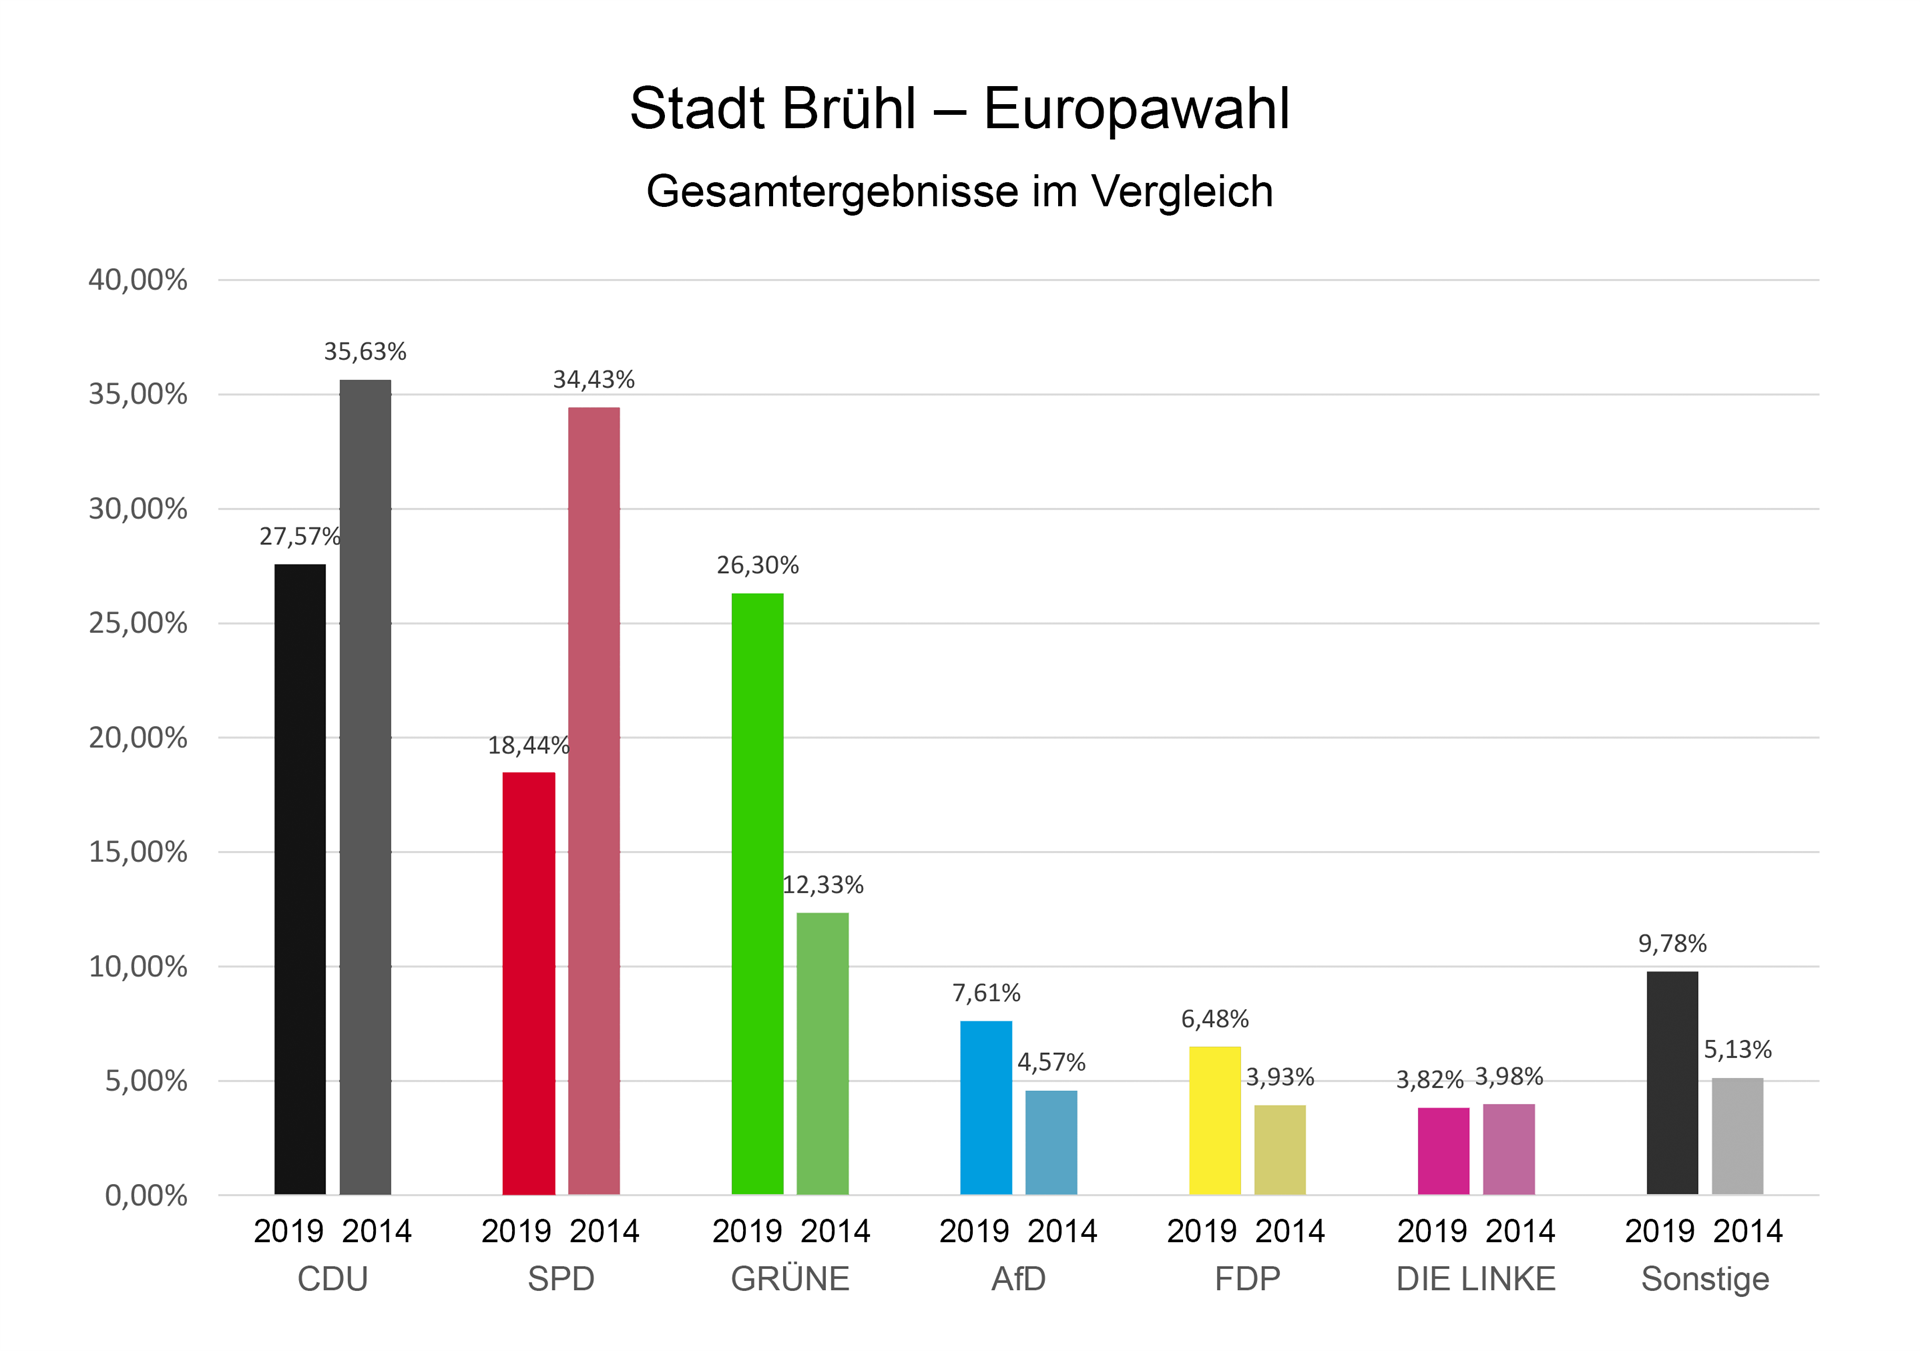 ergebnis europawahl 2019 deutschland